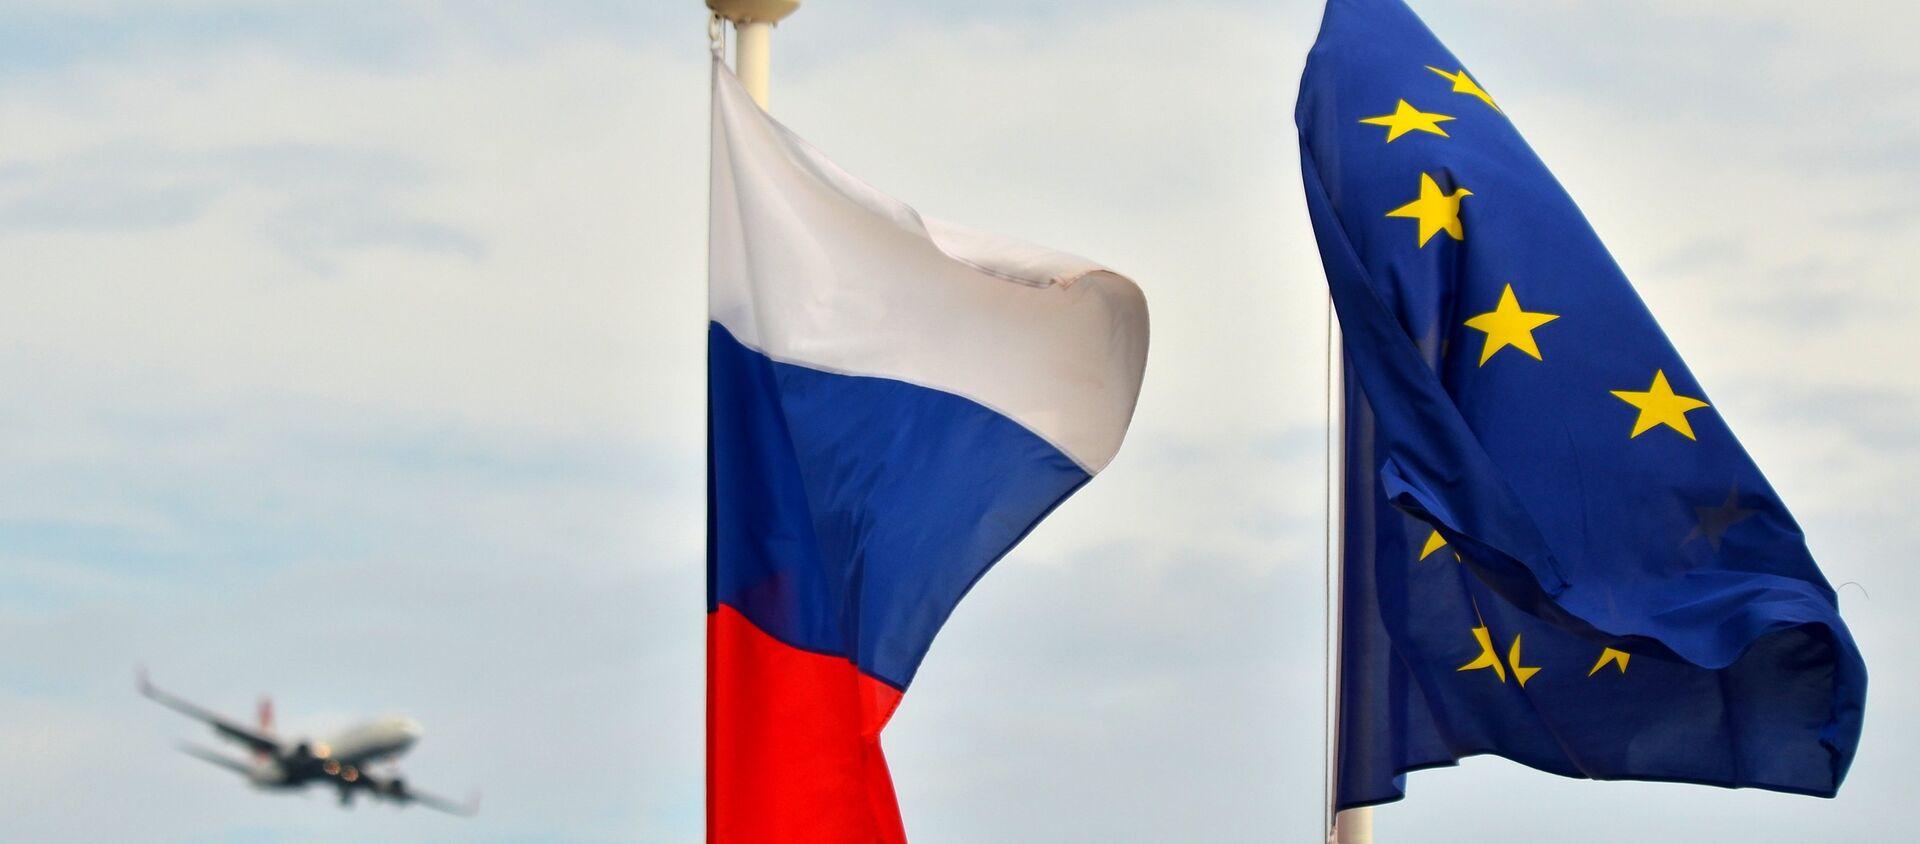 Vlajky Ruska a EU - Sputnik Česká republika, 1920, 13.02.2021